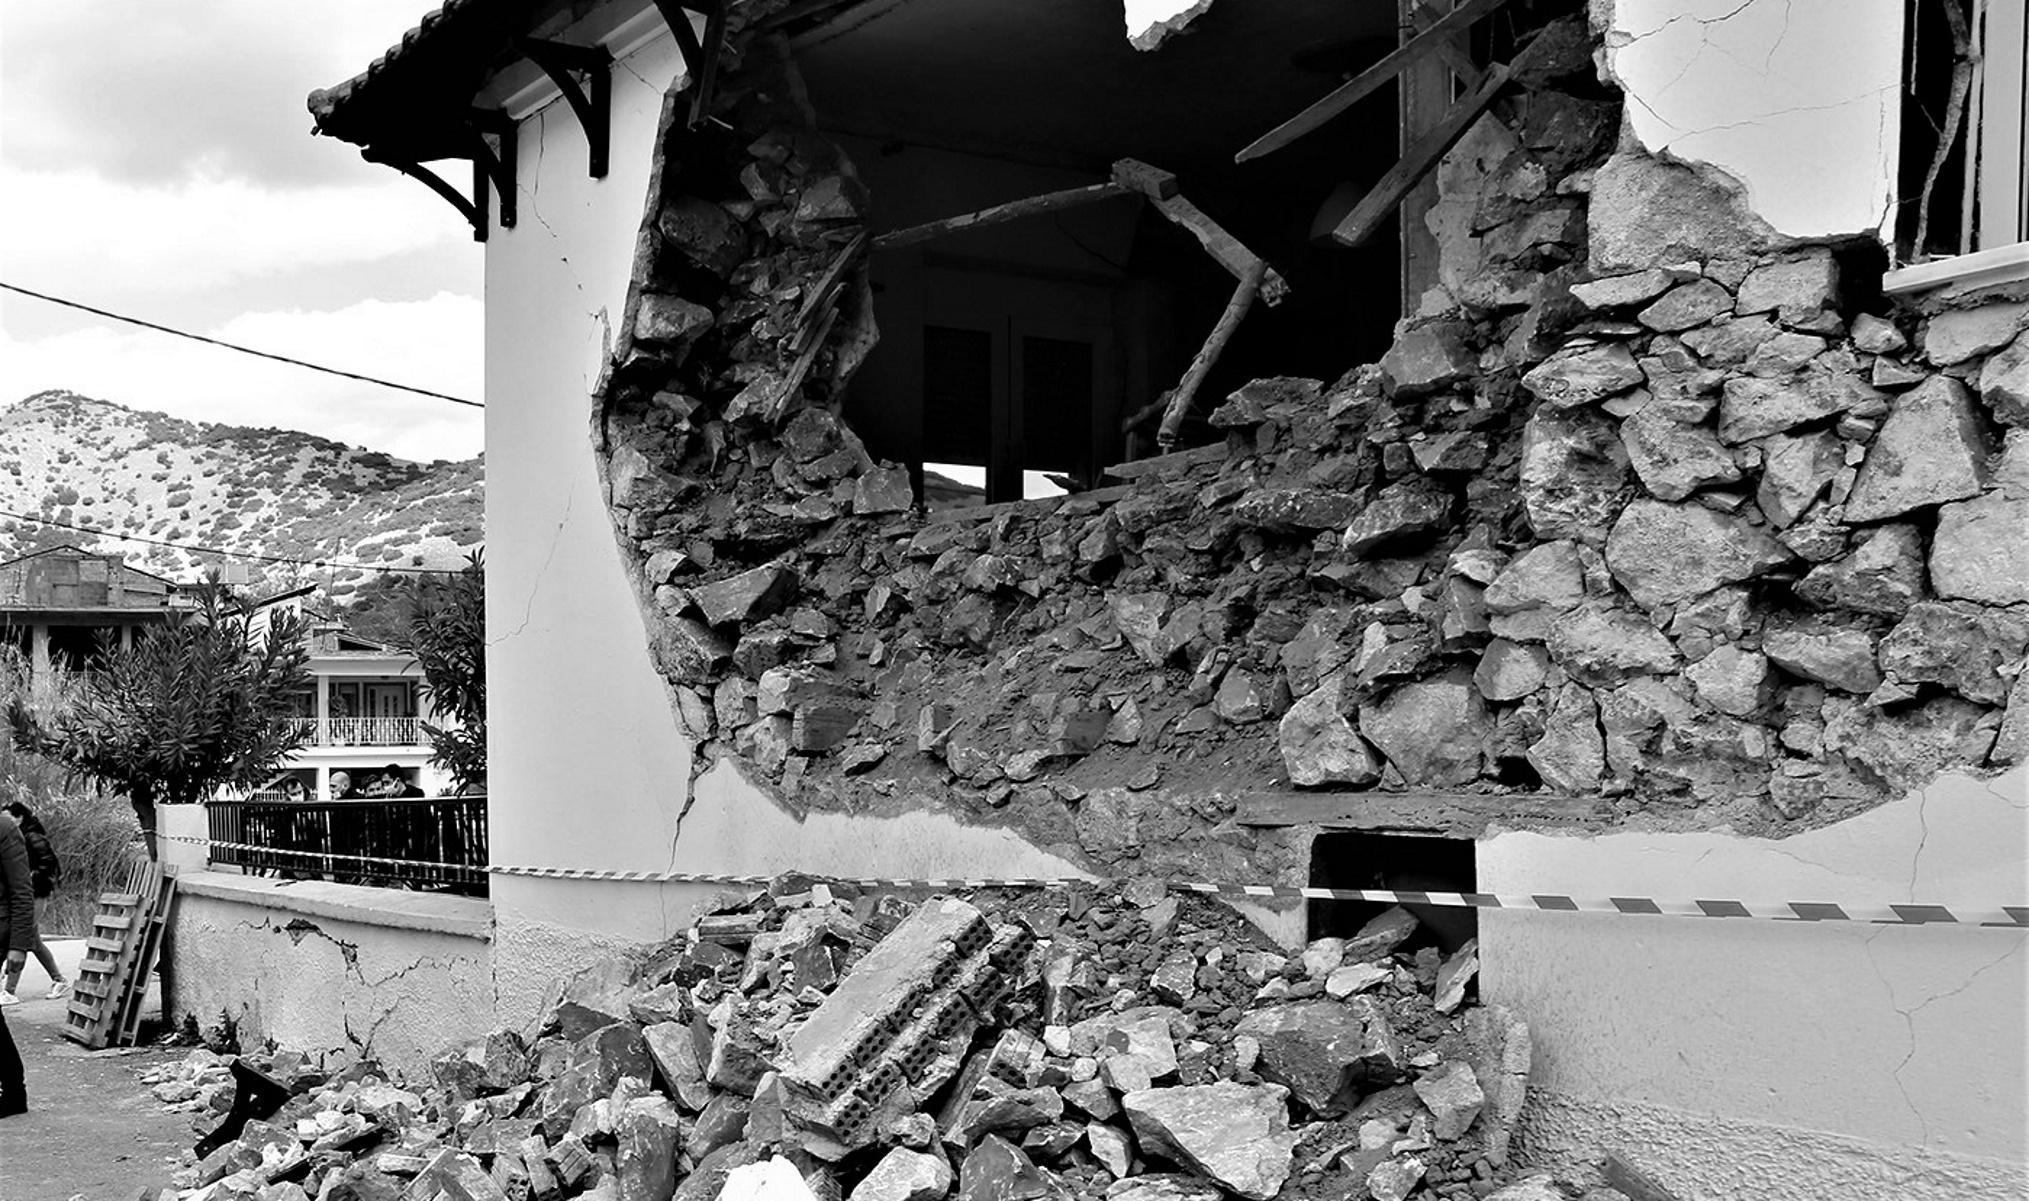 Παπαζάχος: Πιθανότητα για μέχρι και 5,5 Ρίχτερ σεισμό στην Κρήτη